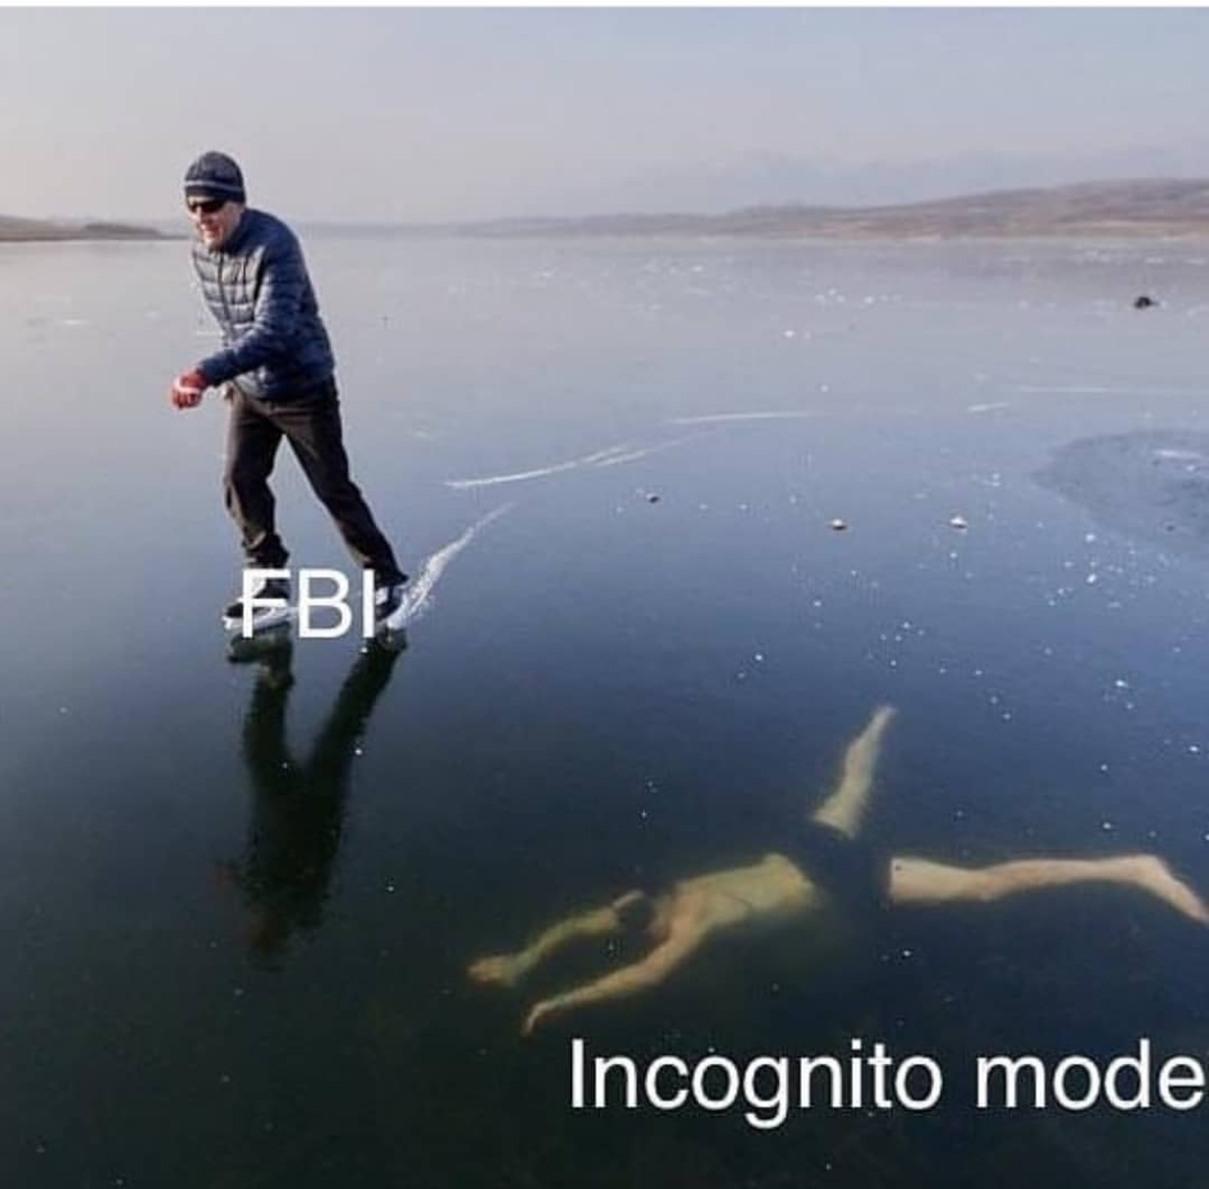 GG Fbi - meme